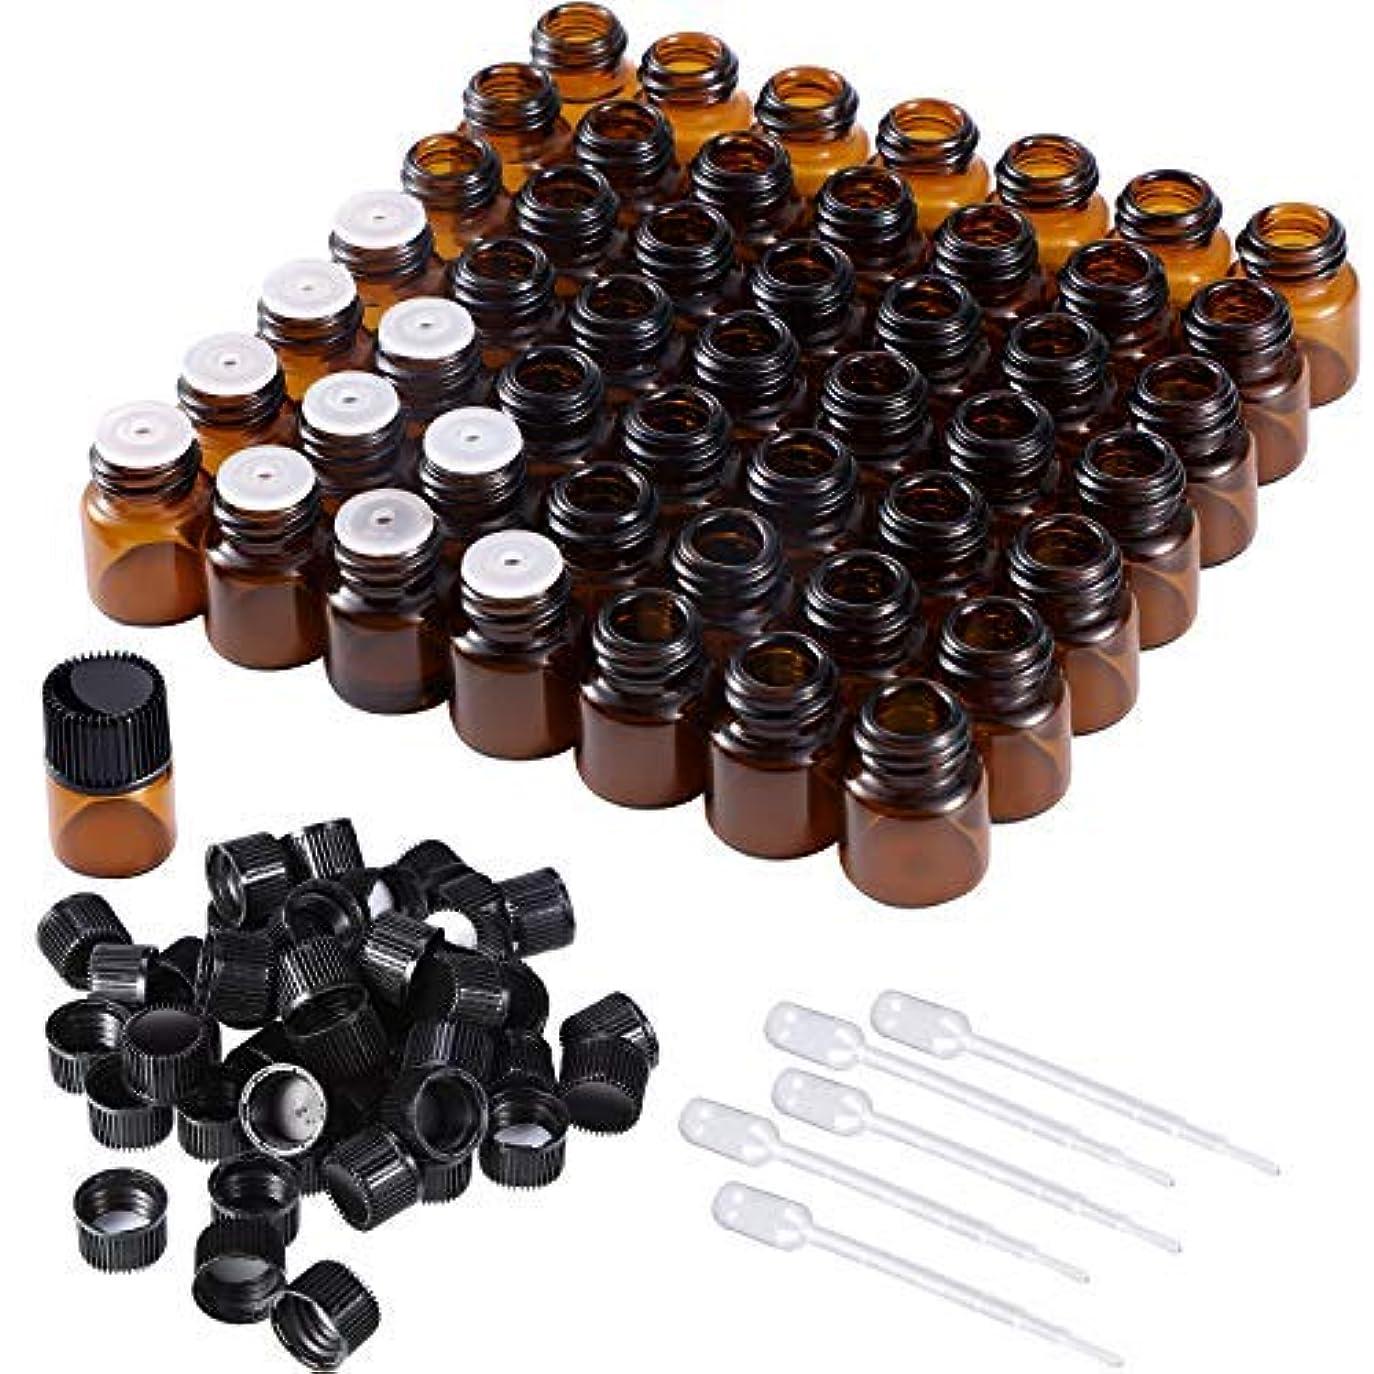 雑多な名誉器具50 Pieces 1 ml Mini Amber Glass Vial Bottles Essential Oil Bottles with Orifice Reducers Screw Caps and 5 Pieces...